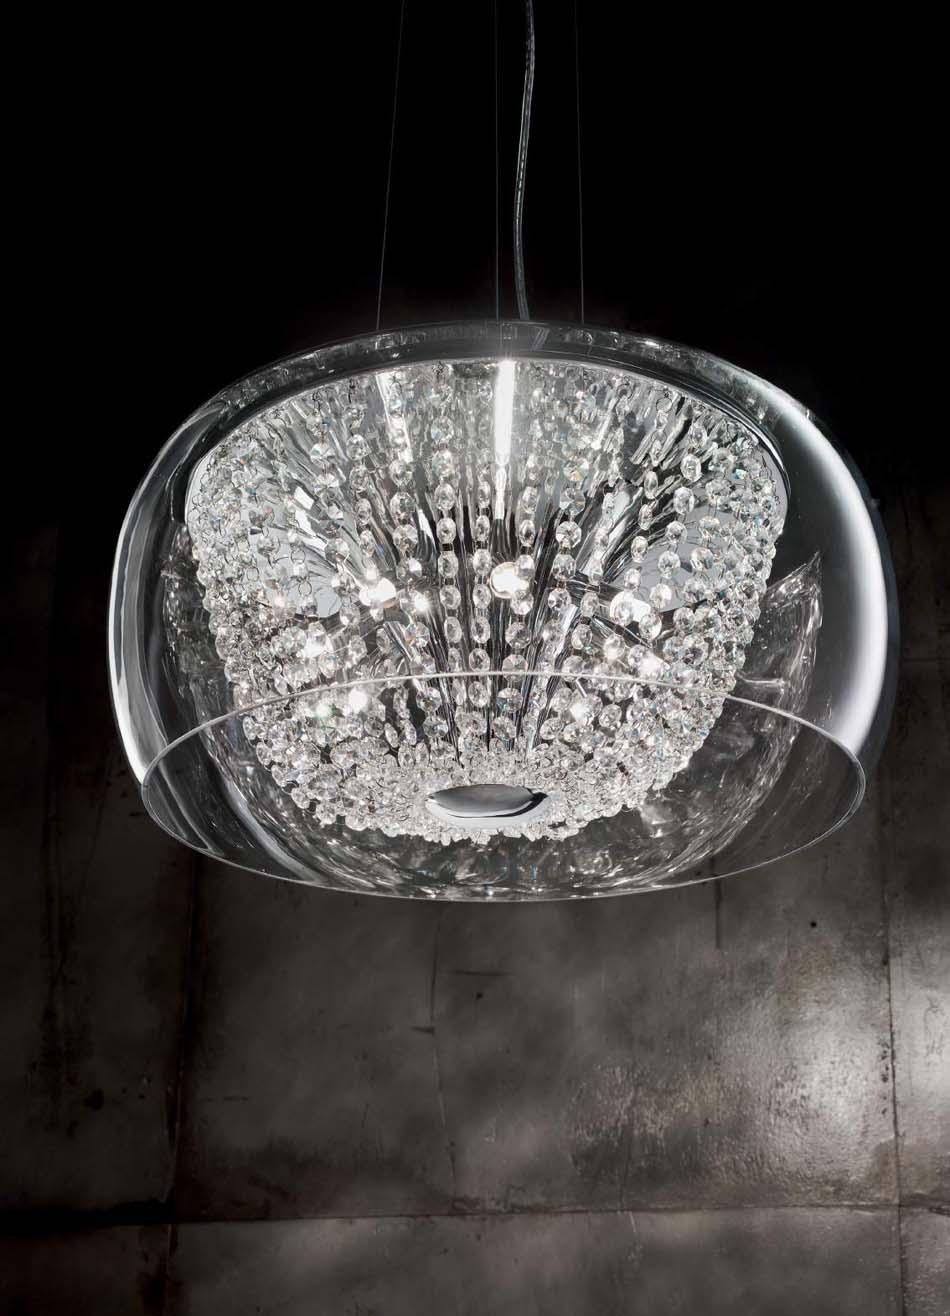 Lampade 26 sospese Ideal Lux Audi-61- Toscana Arredamenti